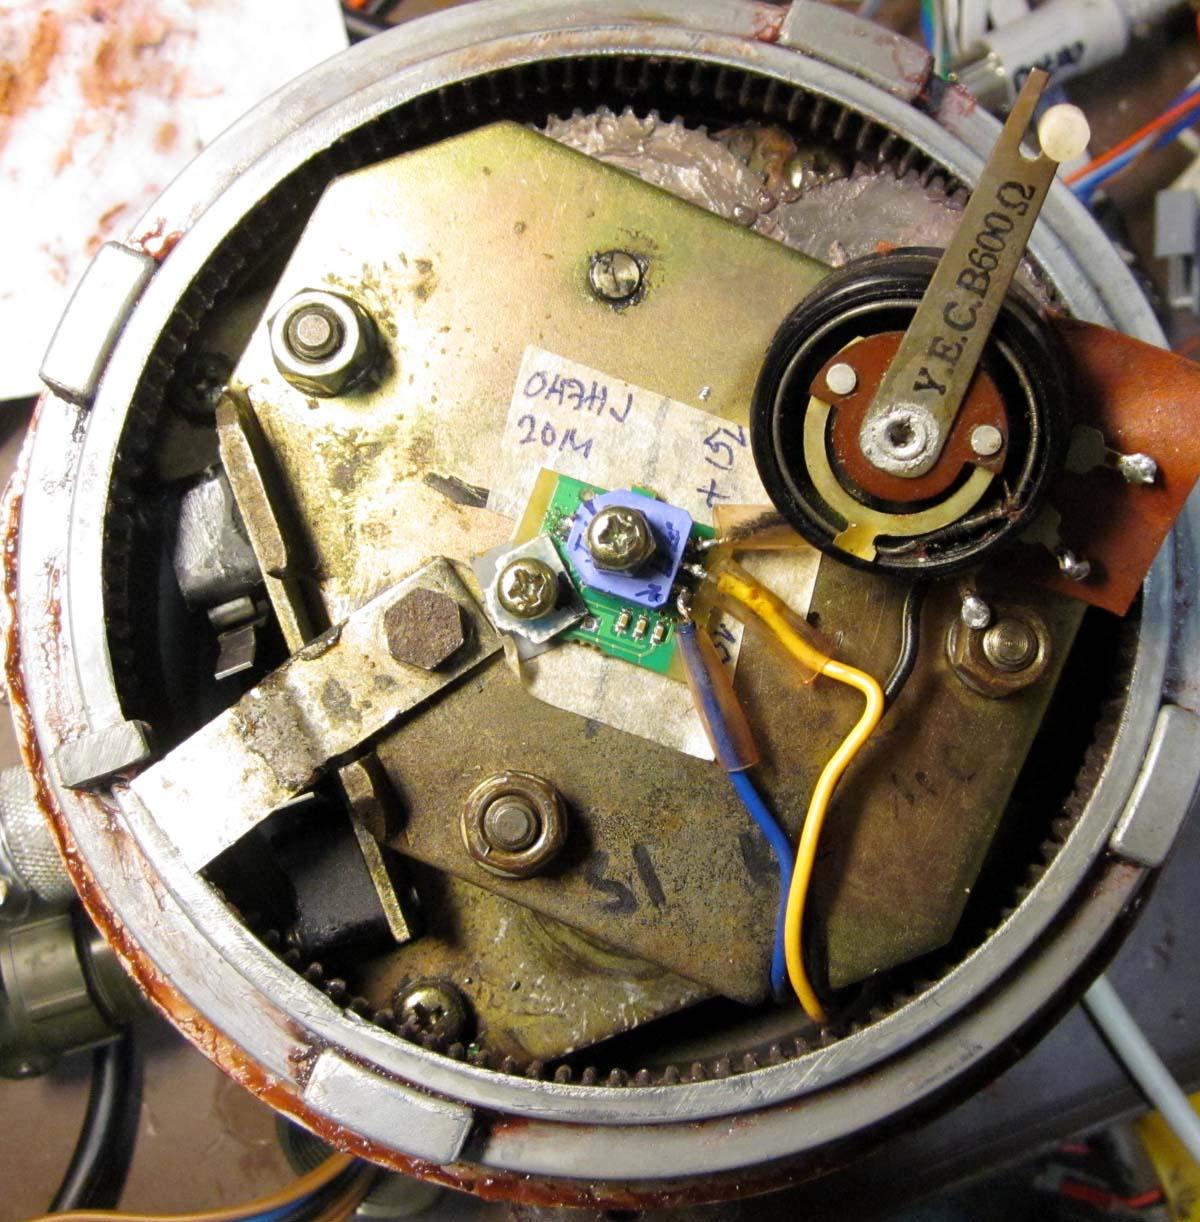 IMG_3901 Antenninkääntäjän Aiga viallinen iso potikka korvattu pienellä ympäripyörivällä (c) OH7HJ.JPG